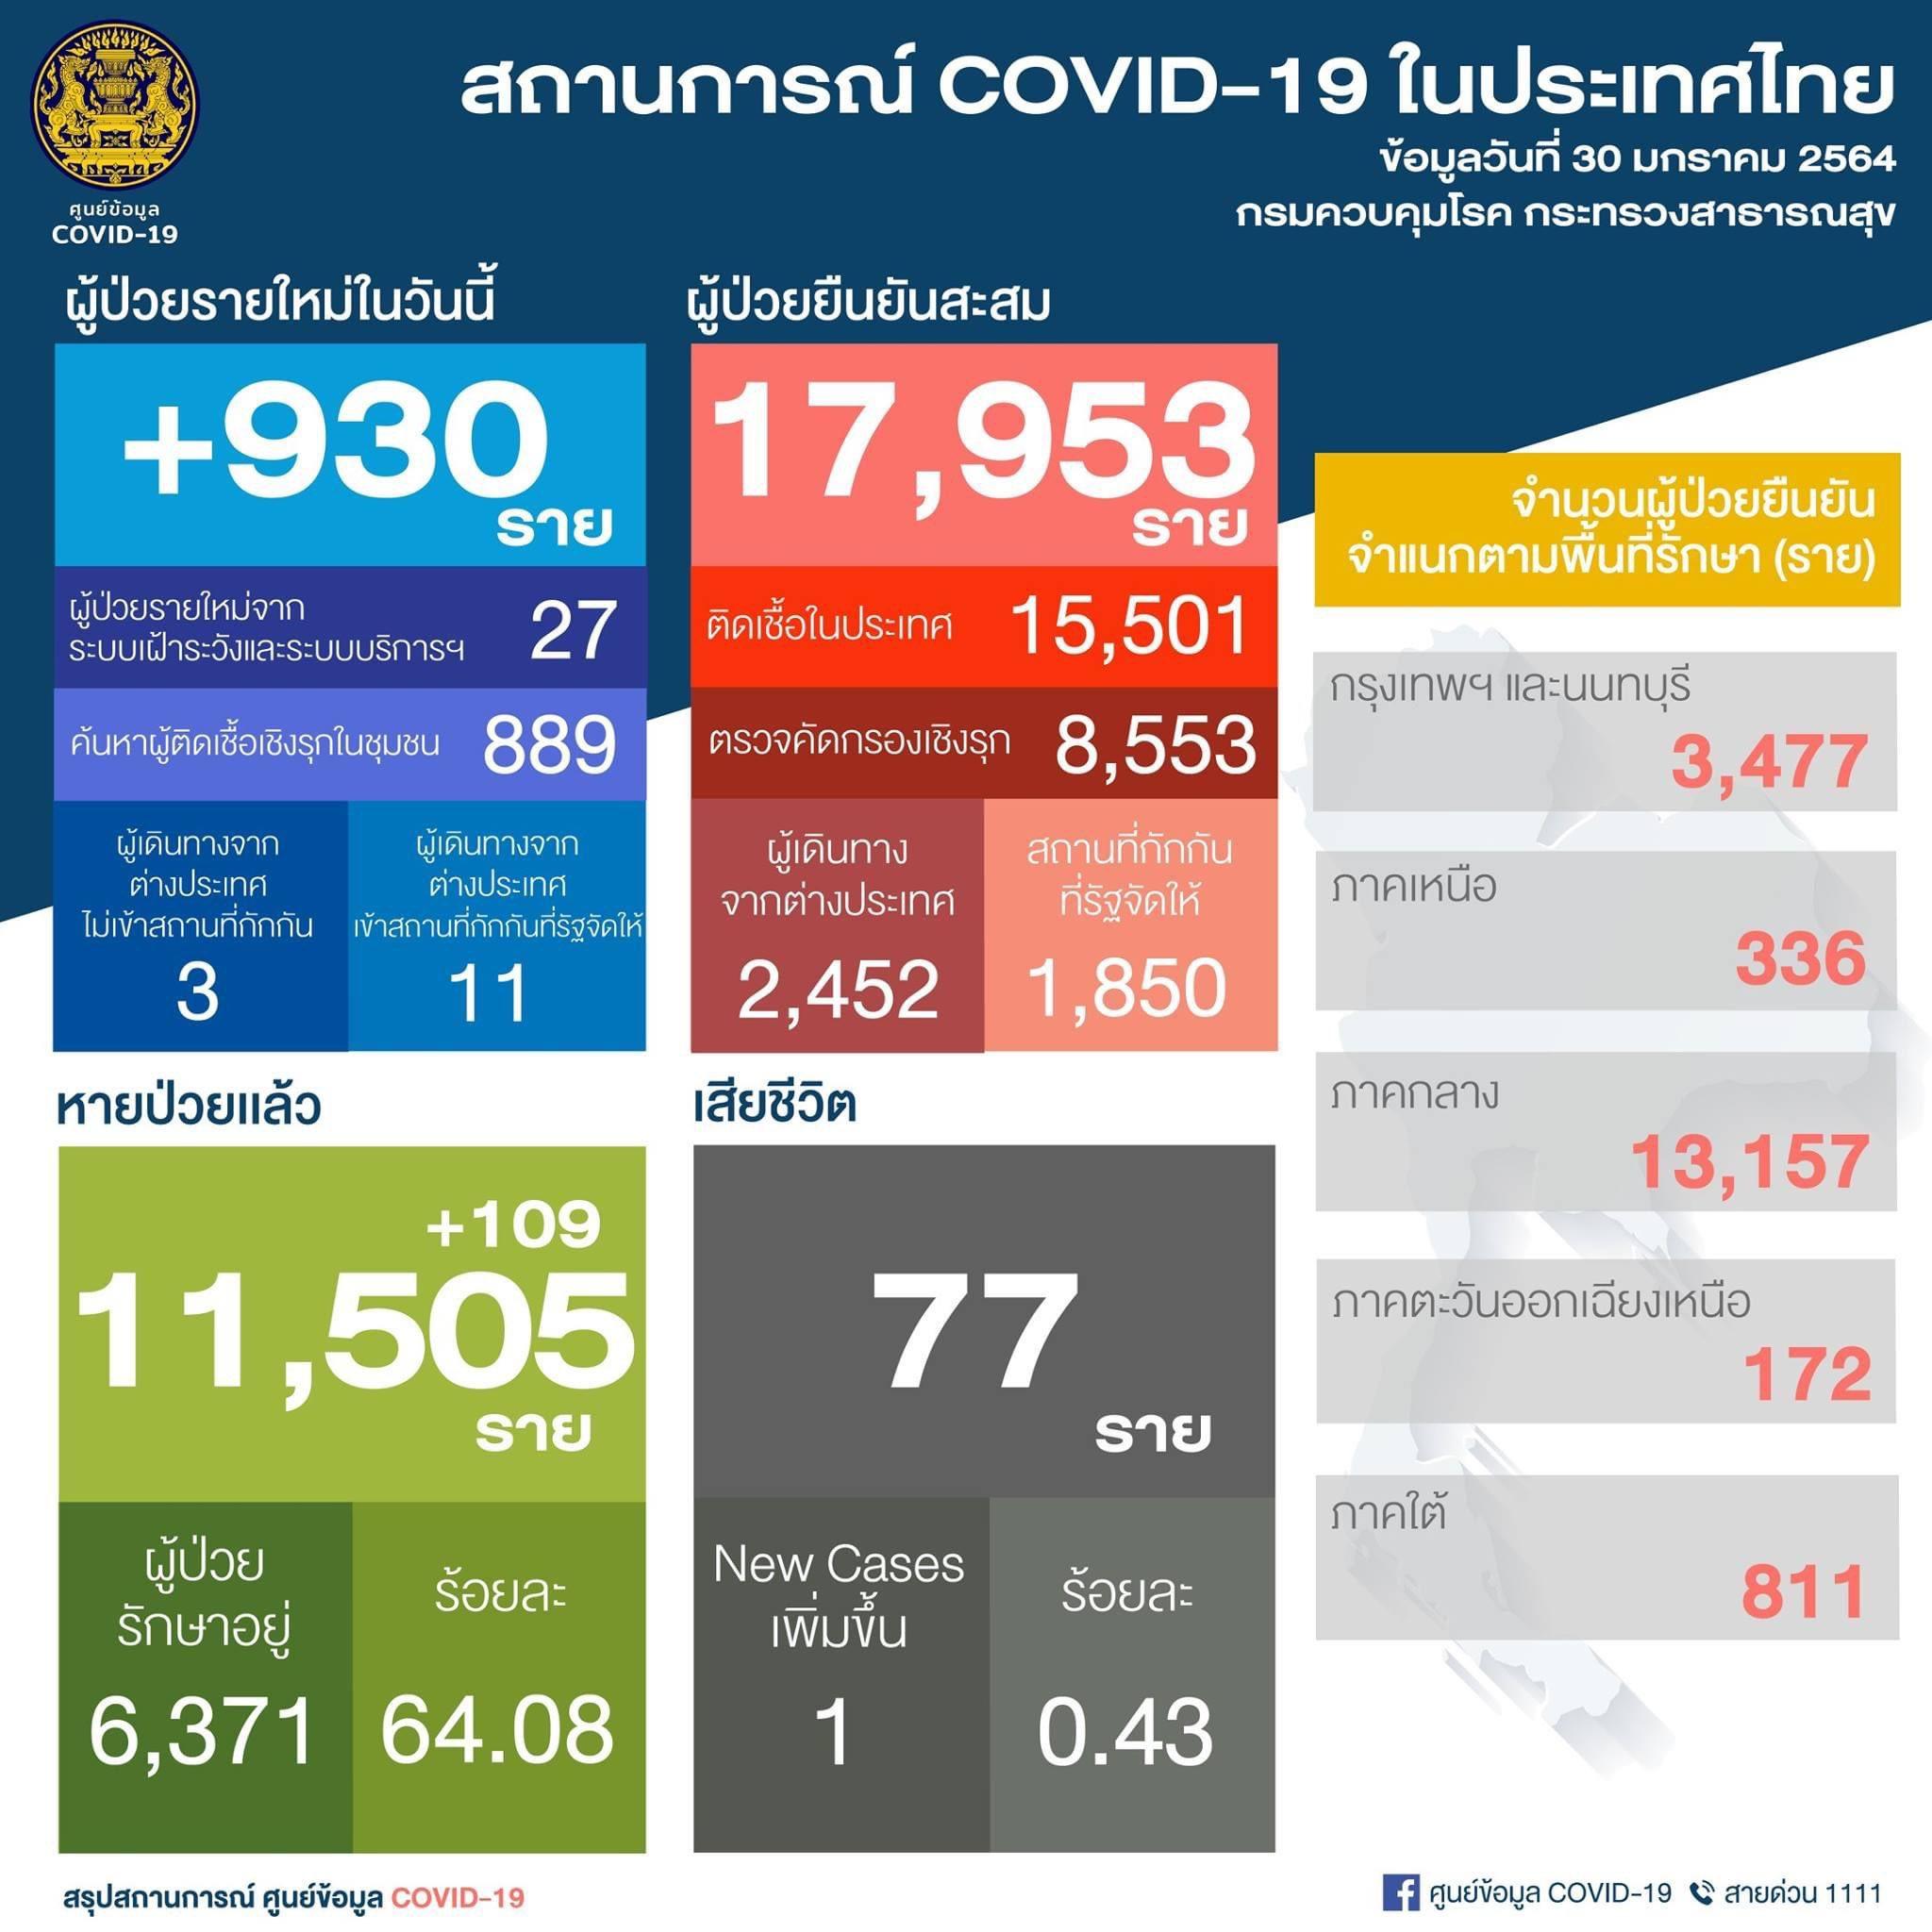 ยอด 'โควิด-19' วันนี้ ไทยพบผู้ติดเชื้อเพิ่ม 930 ราย เสียชีวิตเพิ่ม 1 ราย